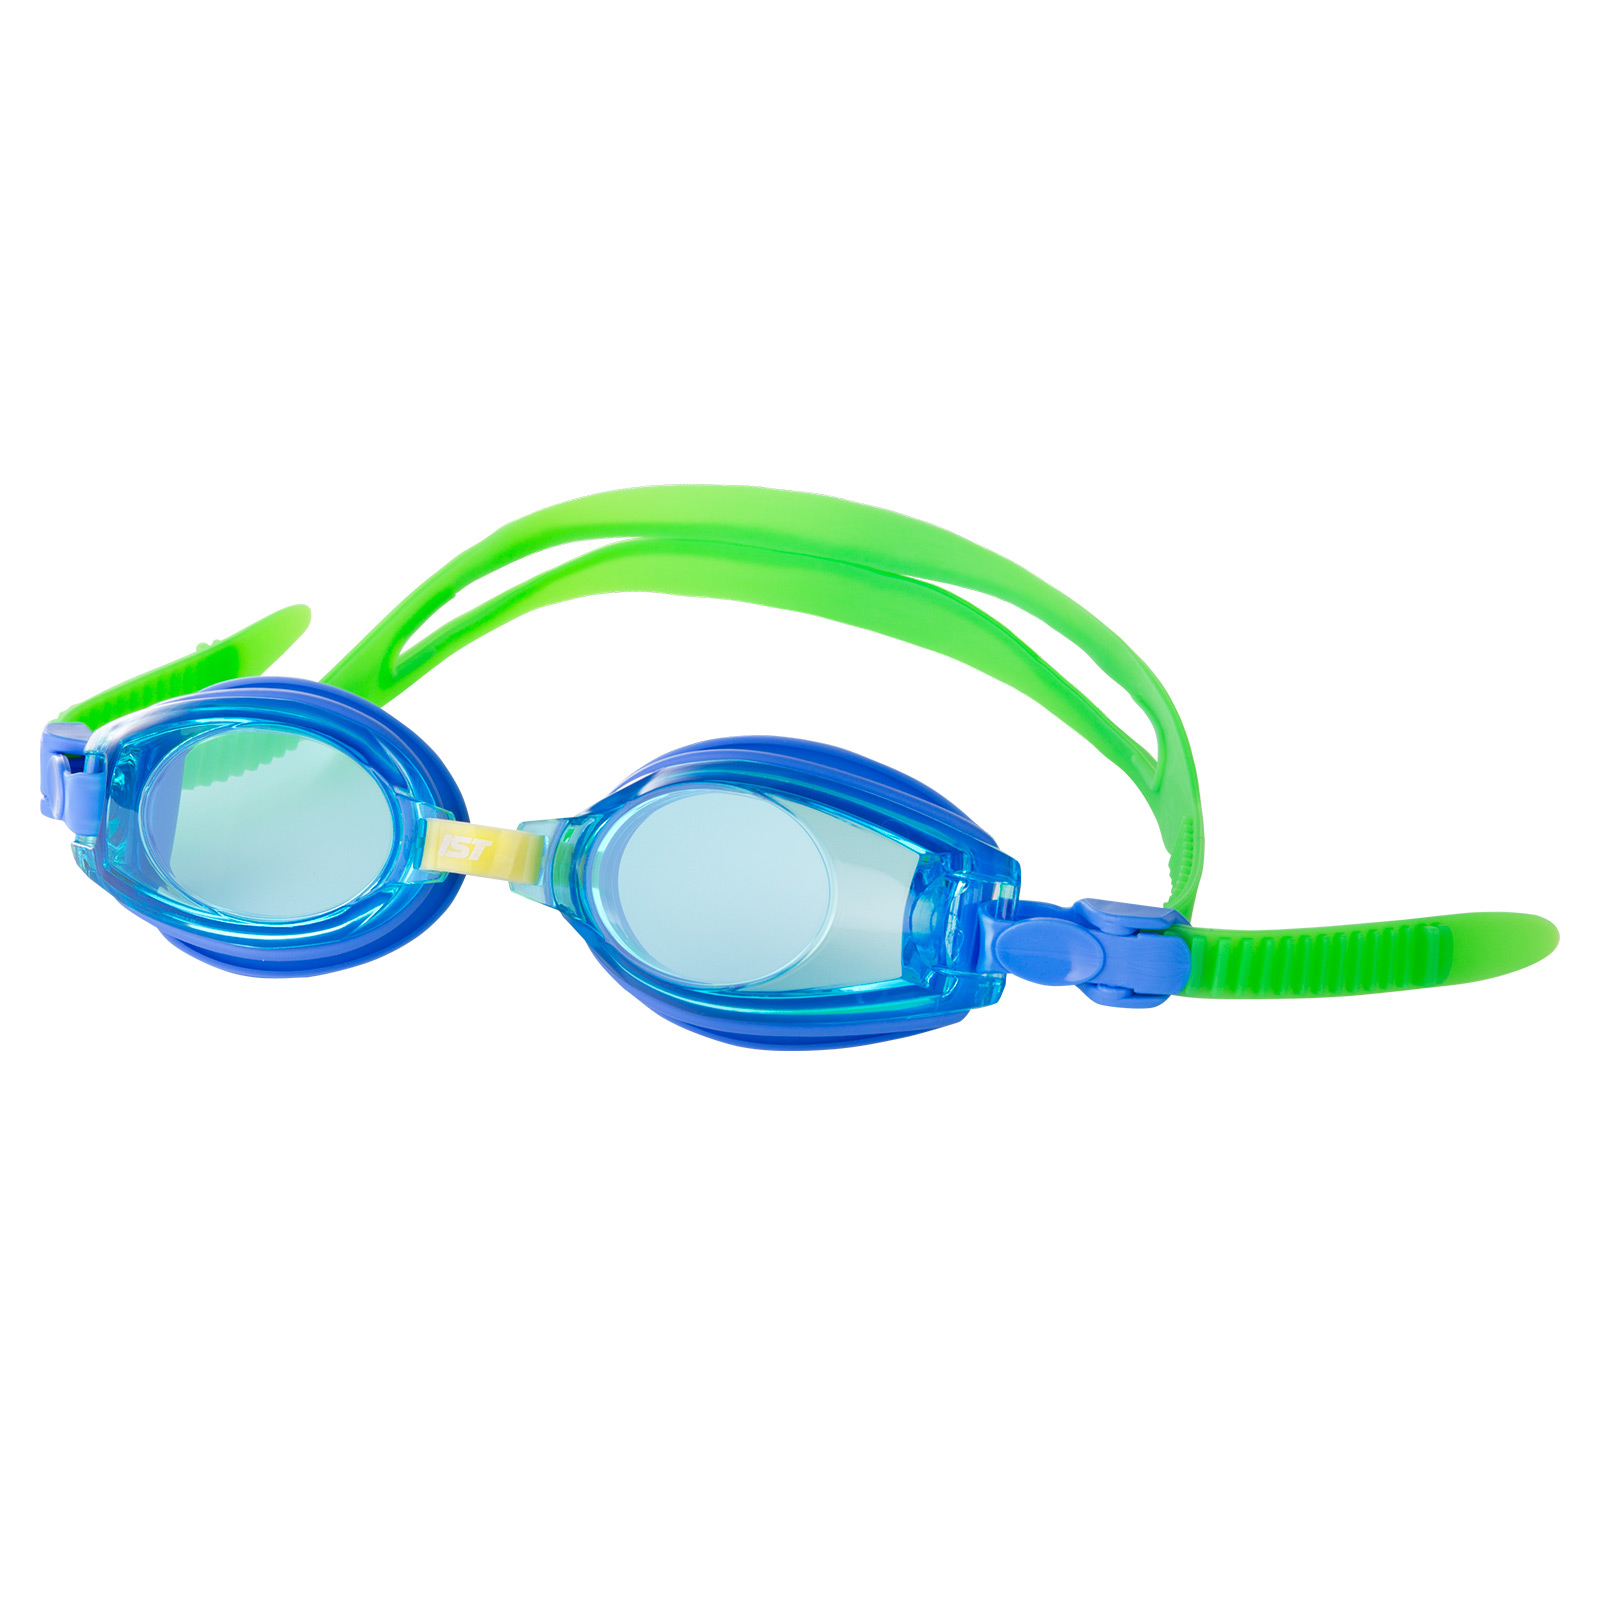 Silicone Jr. Swimming Goggle